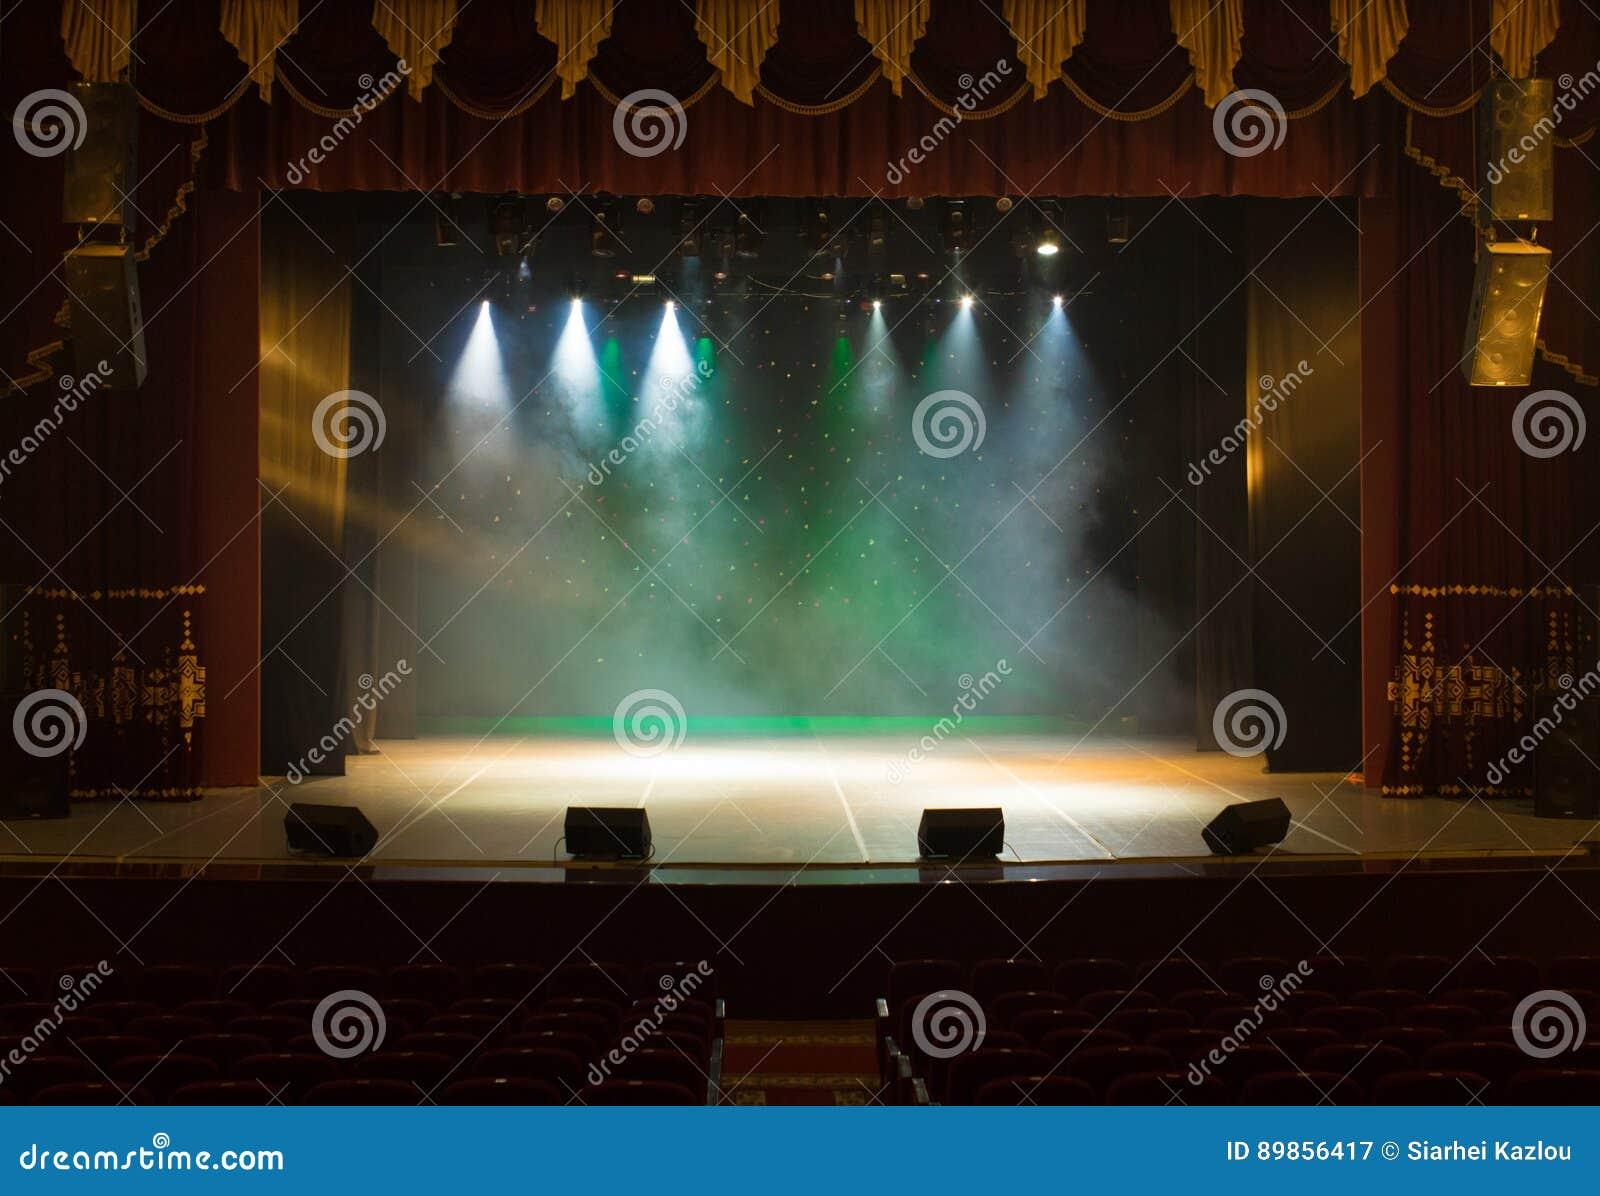 Ένα κενό στάδιο του θεάτρου, αναμμένο από τα επίκεντρα και τον καπνό